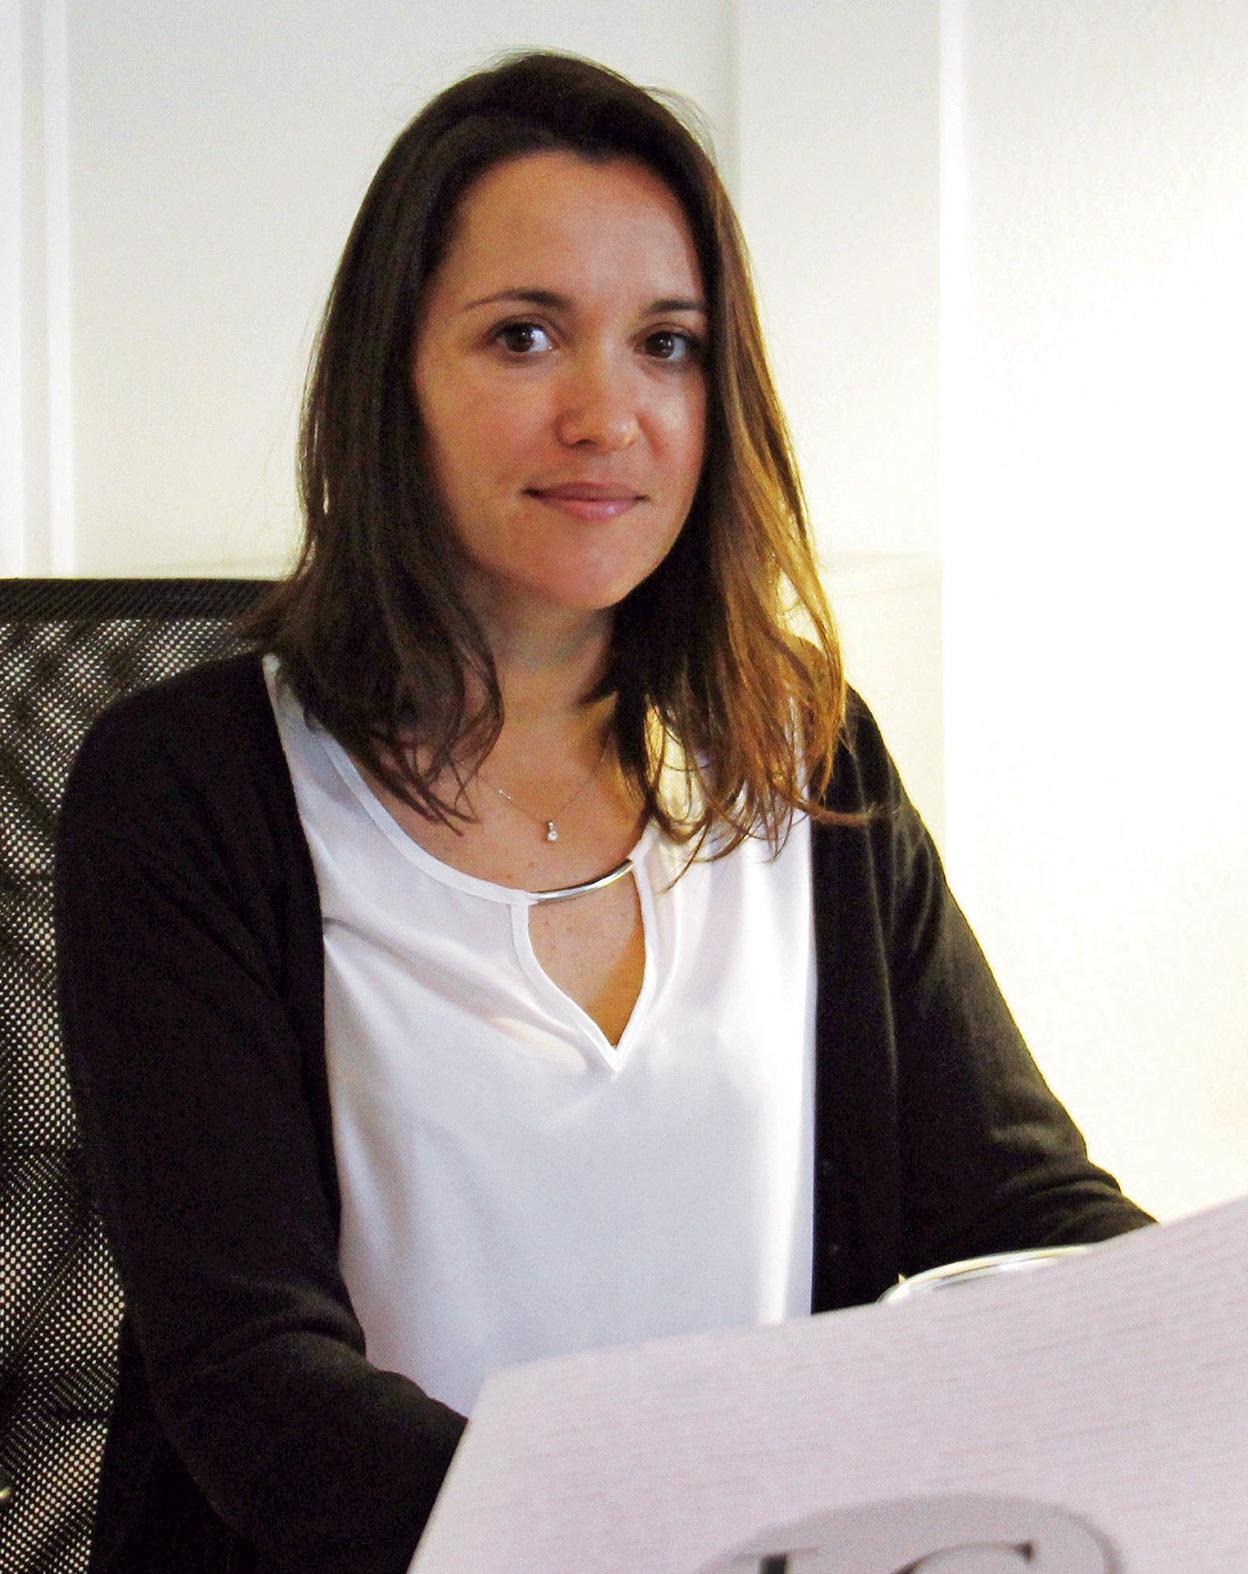 Laëtitia Serrier, directrice courtage professionnel de L&G Financement: « J'accompagne, étape par étape, jusqu'à la concrétisation du projet.»